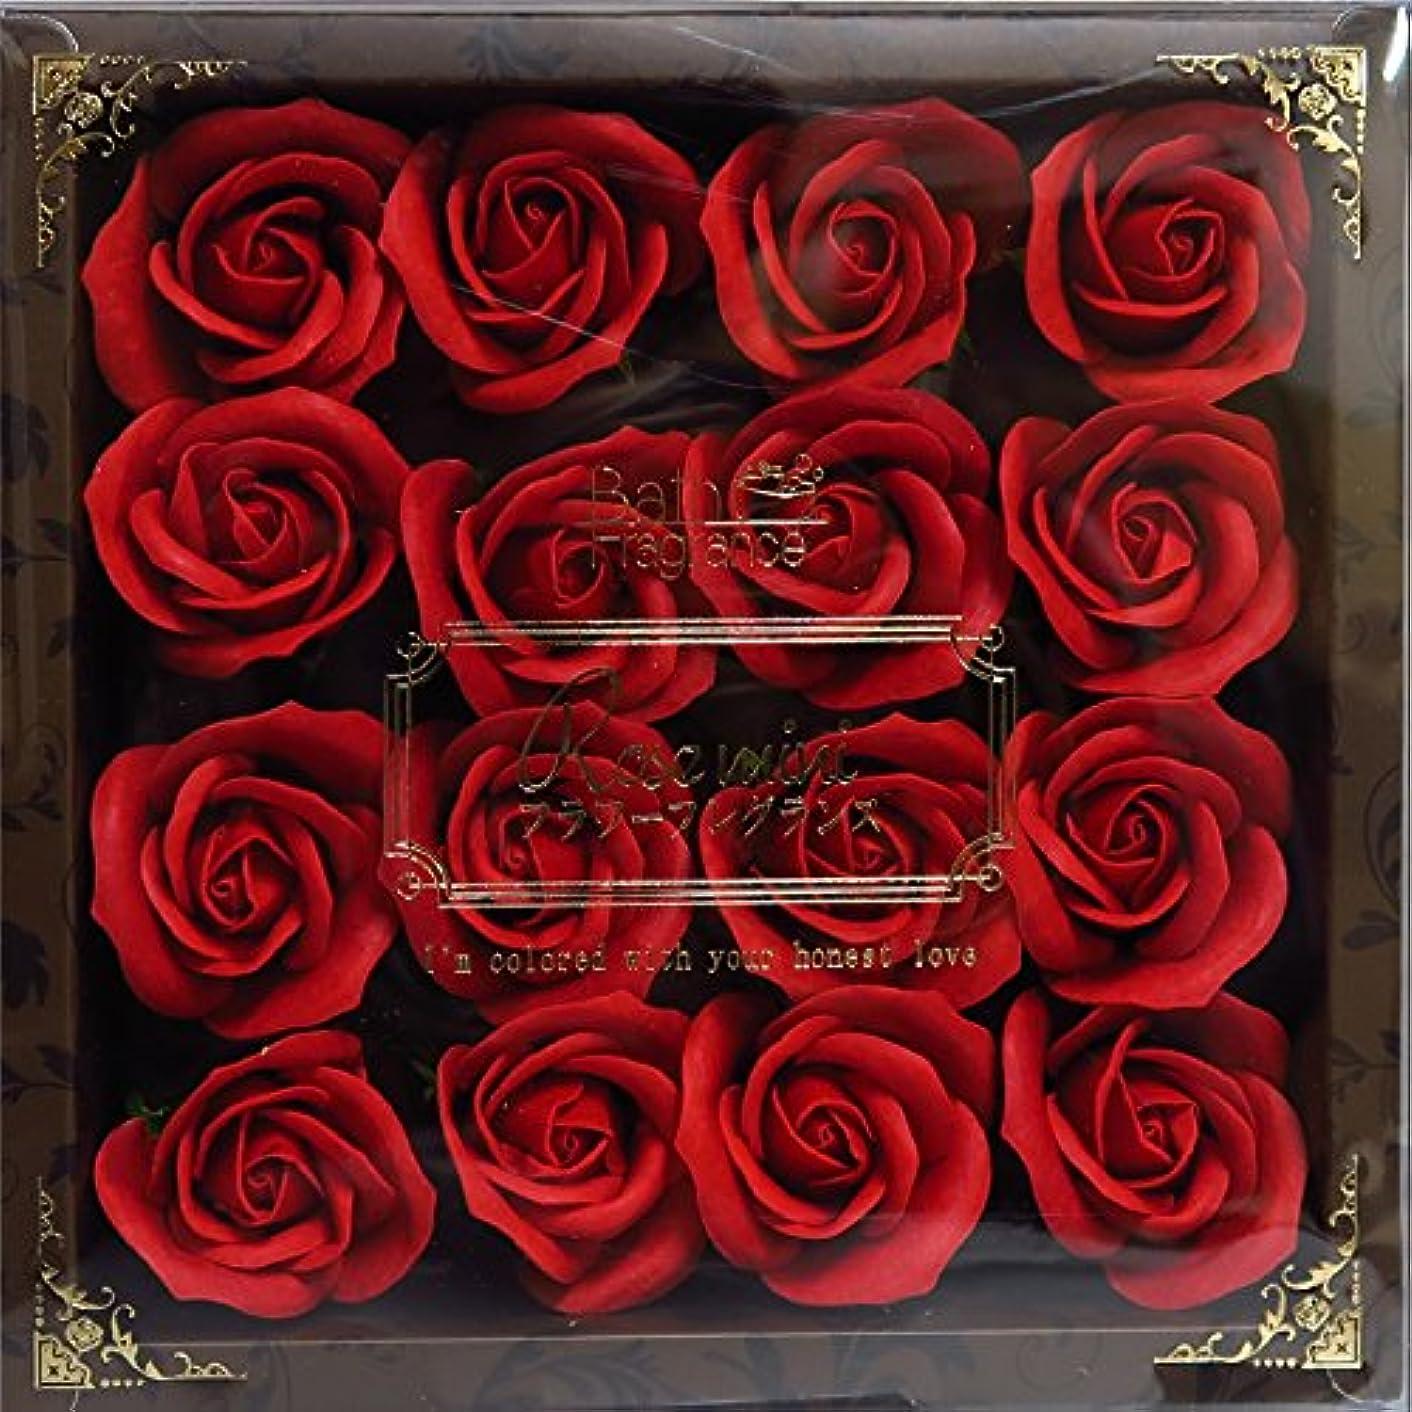 シンジケート驚かすシニスバスフレグランス バスフラワー ミニローズフレグランス(M)レッド ギフト お花の形の入浴剤 プレゼント ばら